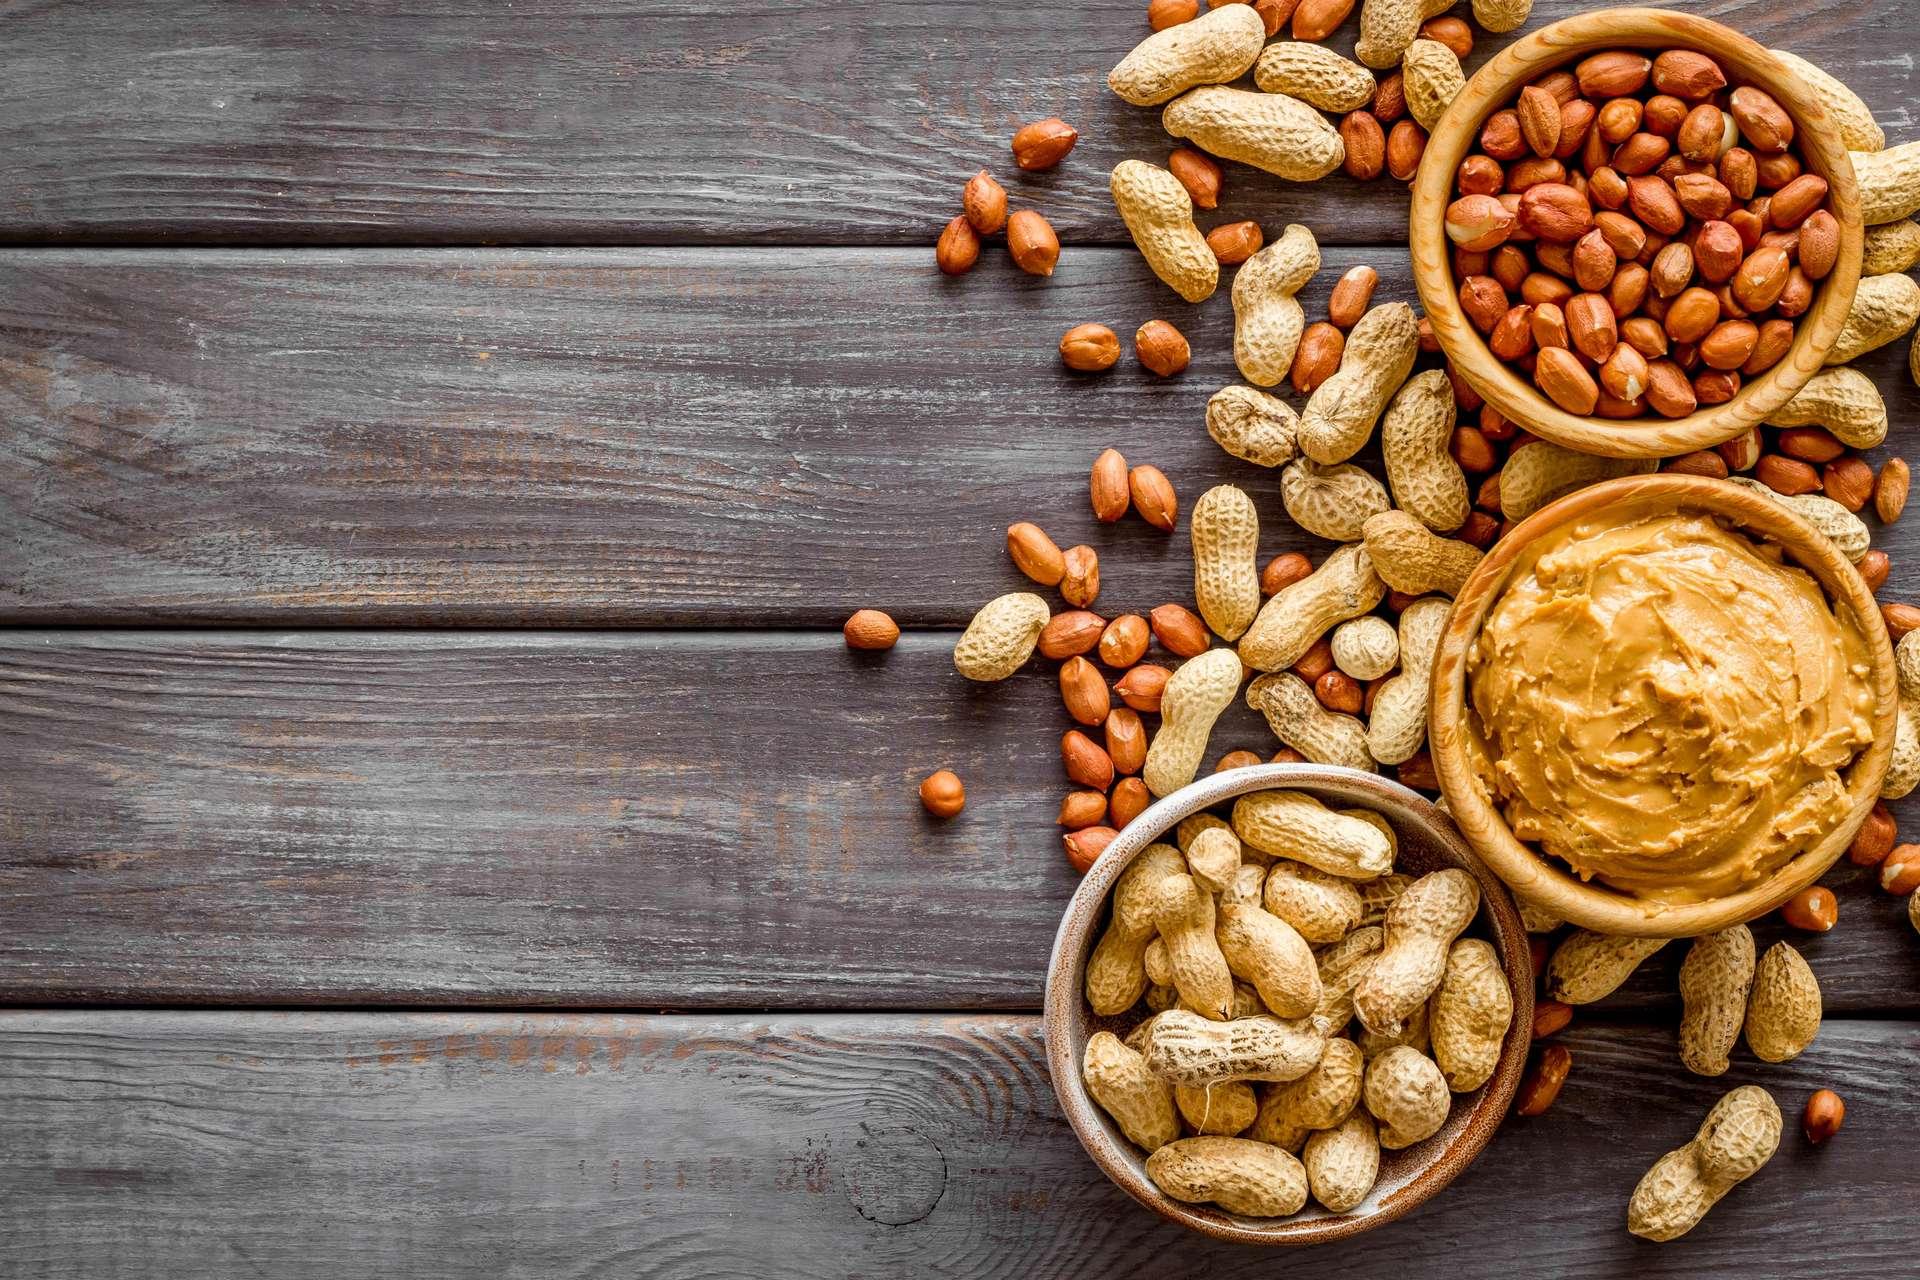 En grande quantité, la consommation de cacahuètes pourrait favoriser la propagation d'un cancer déjà existant. © 279photo, Adobe Stock